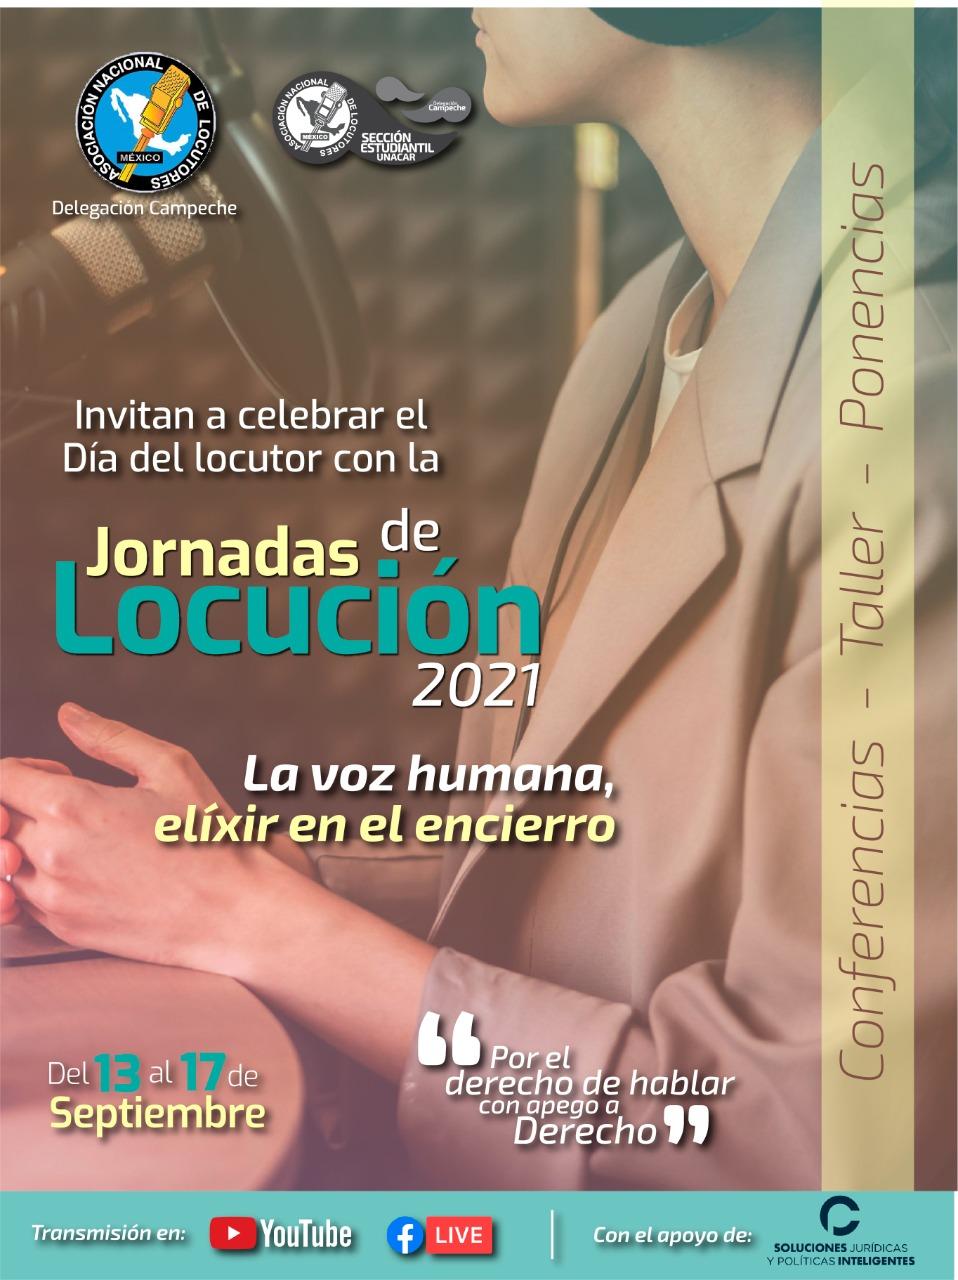 Asociación Nacional de Locutores invita a las Jornadas de Locución 2021; «La Voz Humana, Elixír en el Encierro»